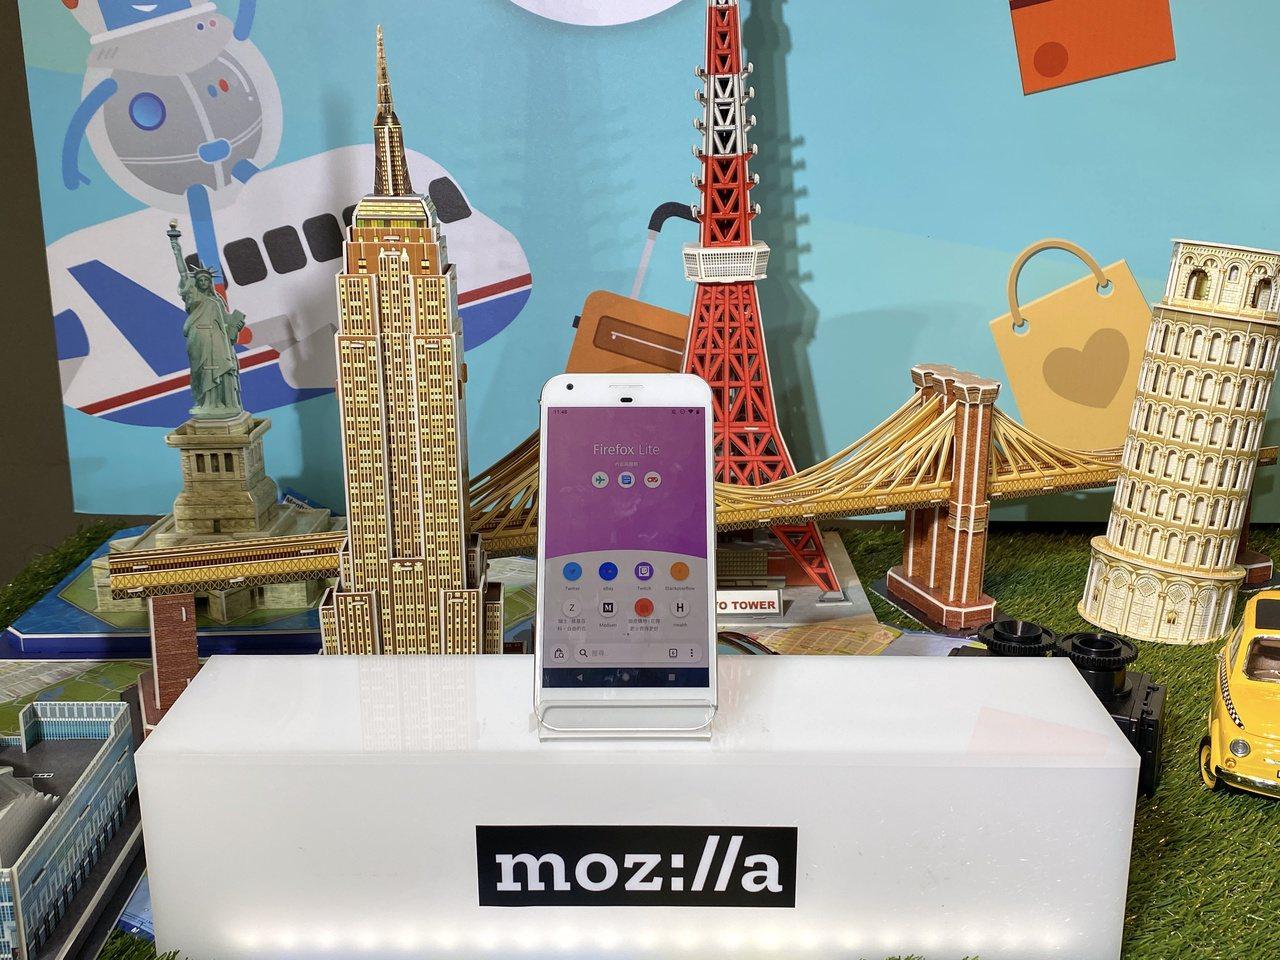 新版Firefox Lite新增旅遊探索功能,變身生活娛樂瀏覽入口。記者黃筱晴/...